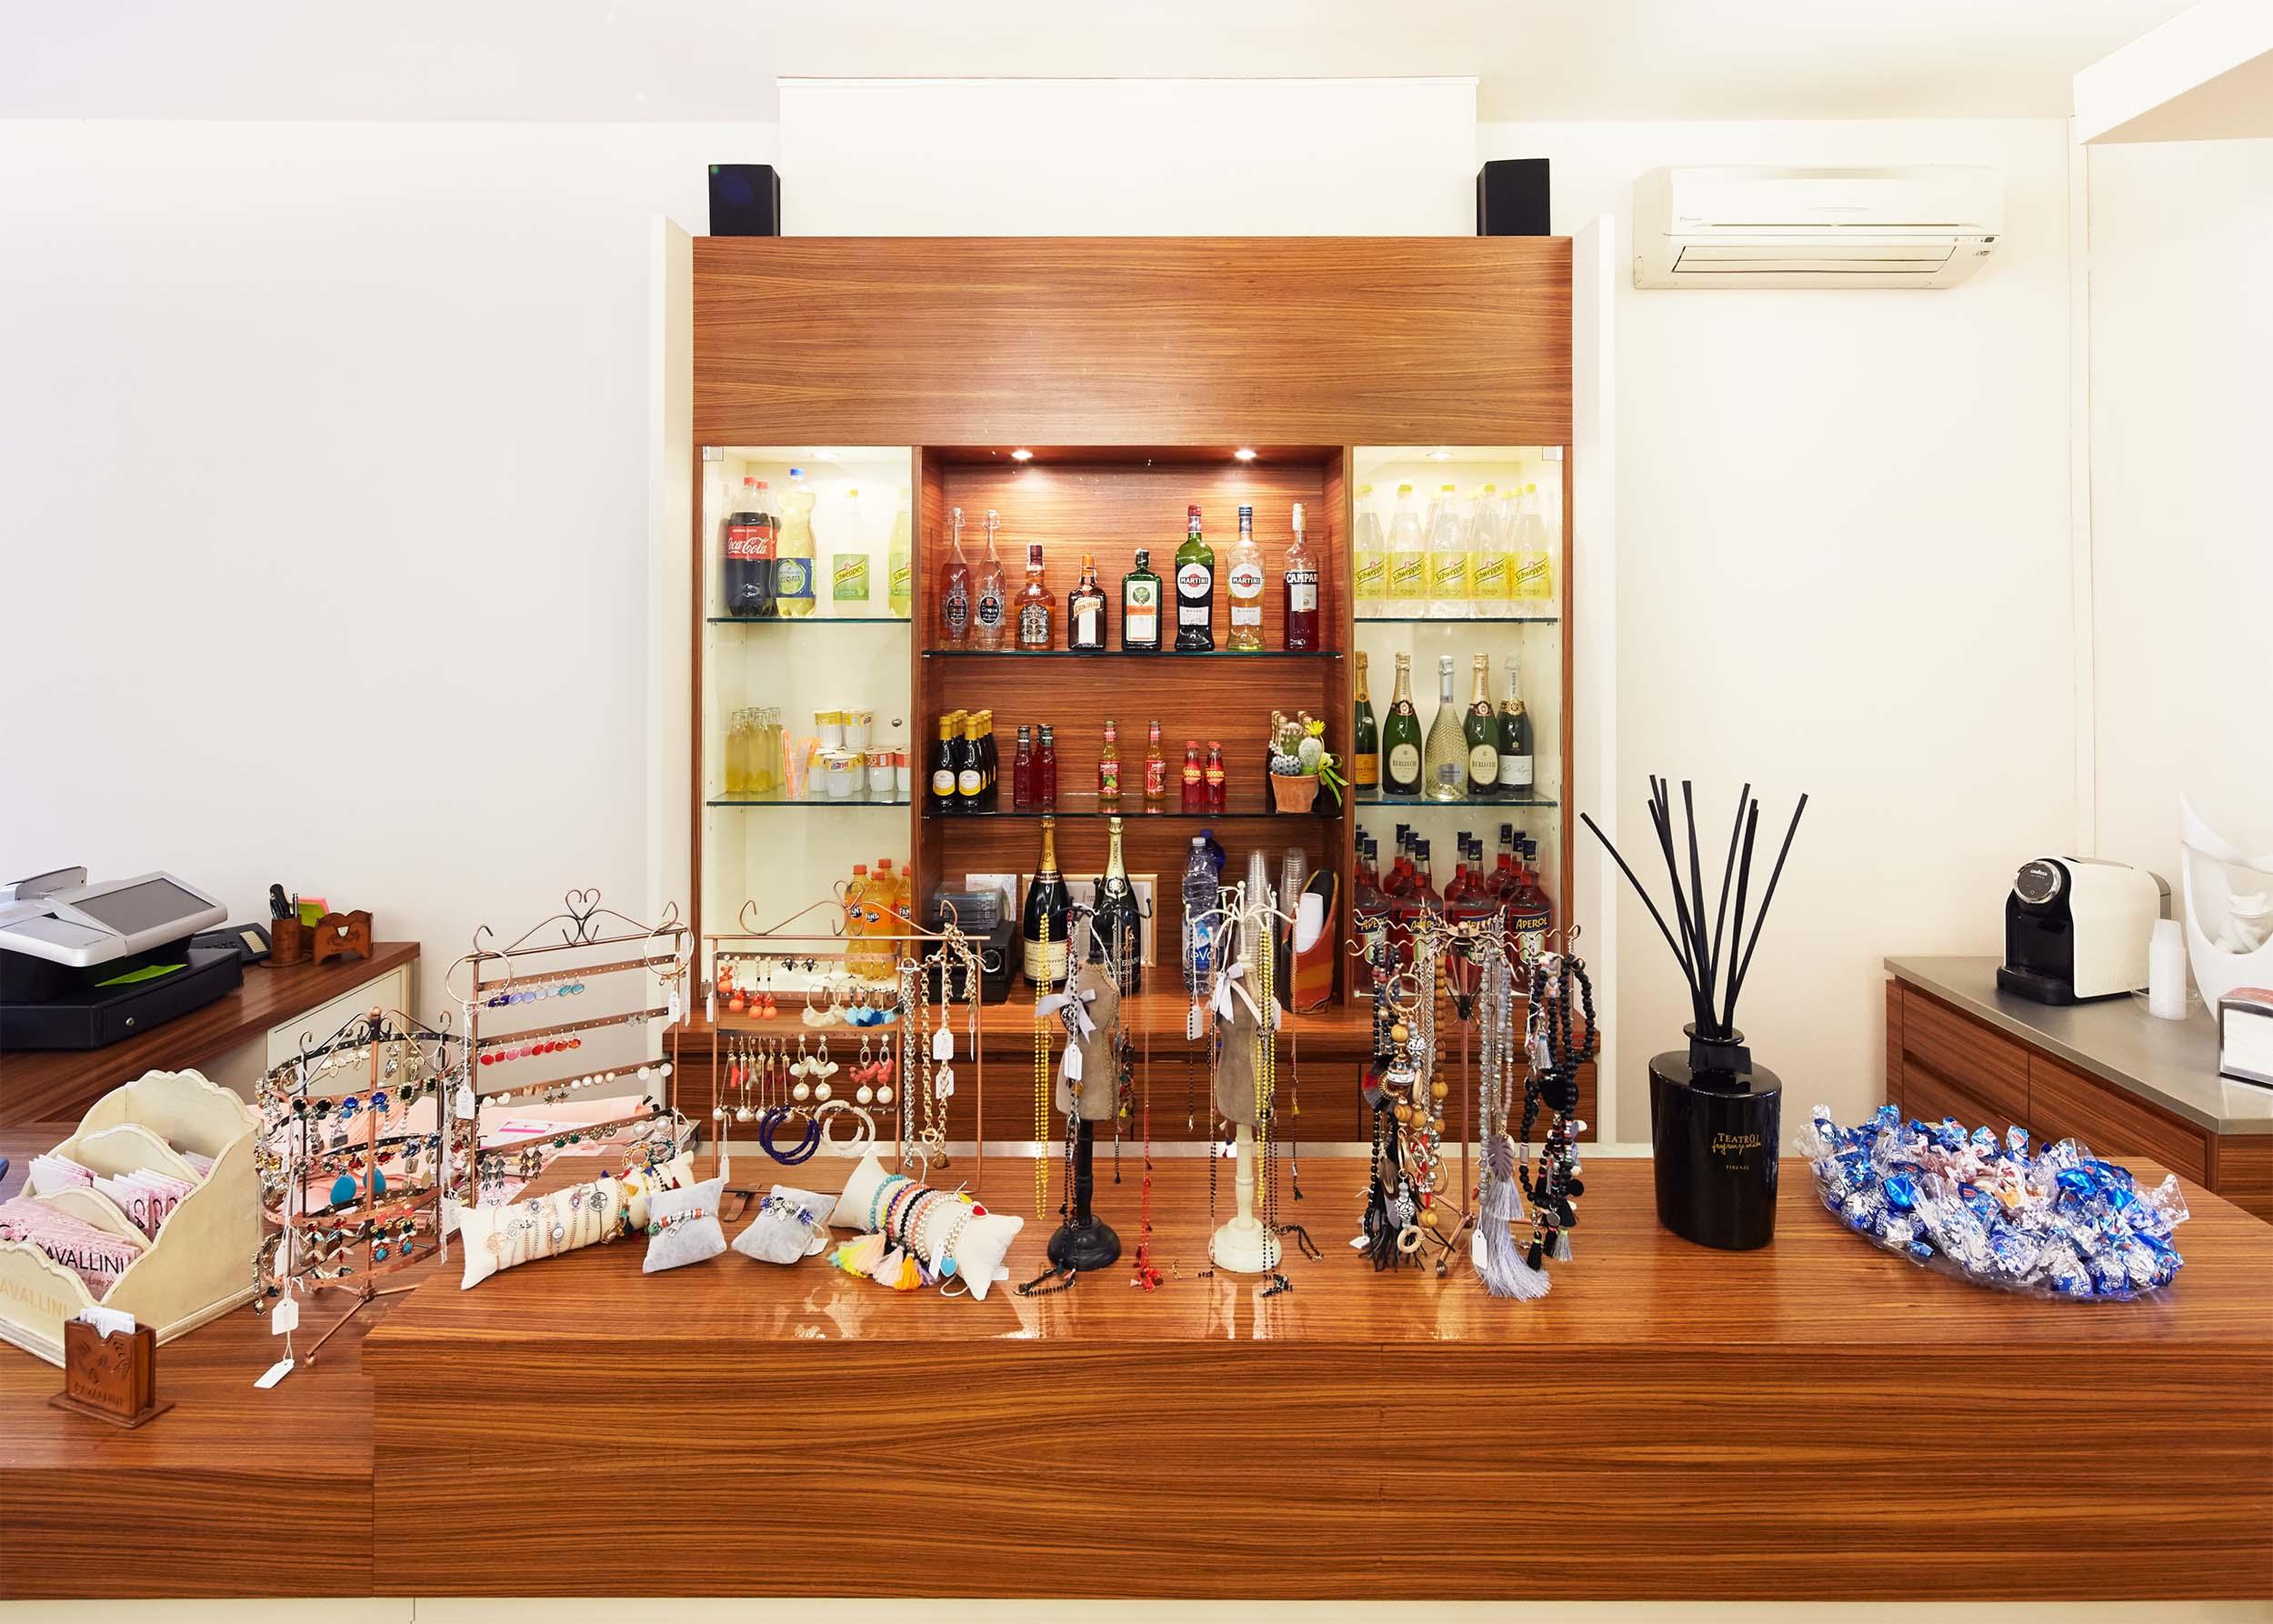 270417_cavallini-showroom-7.jpg